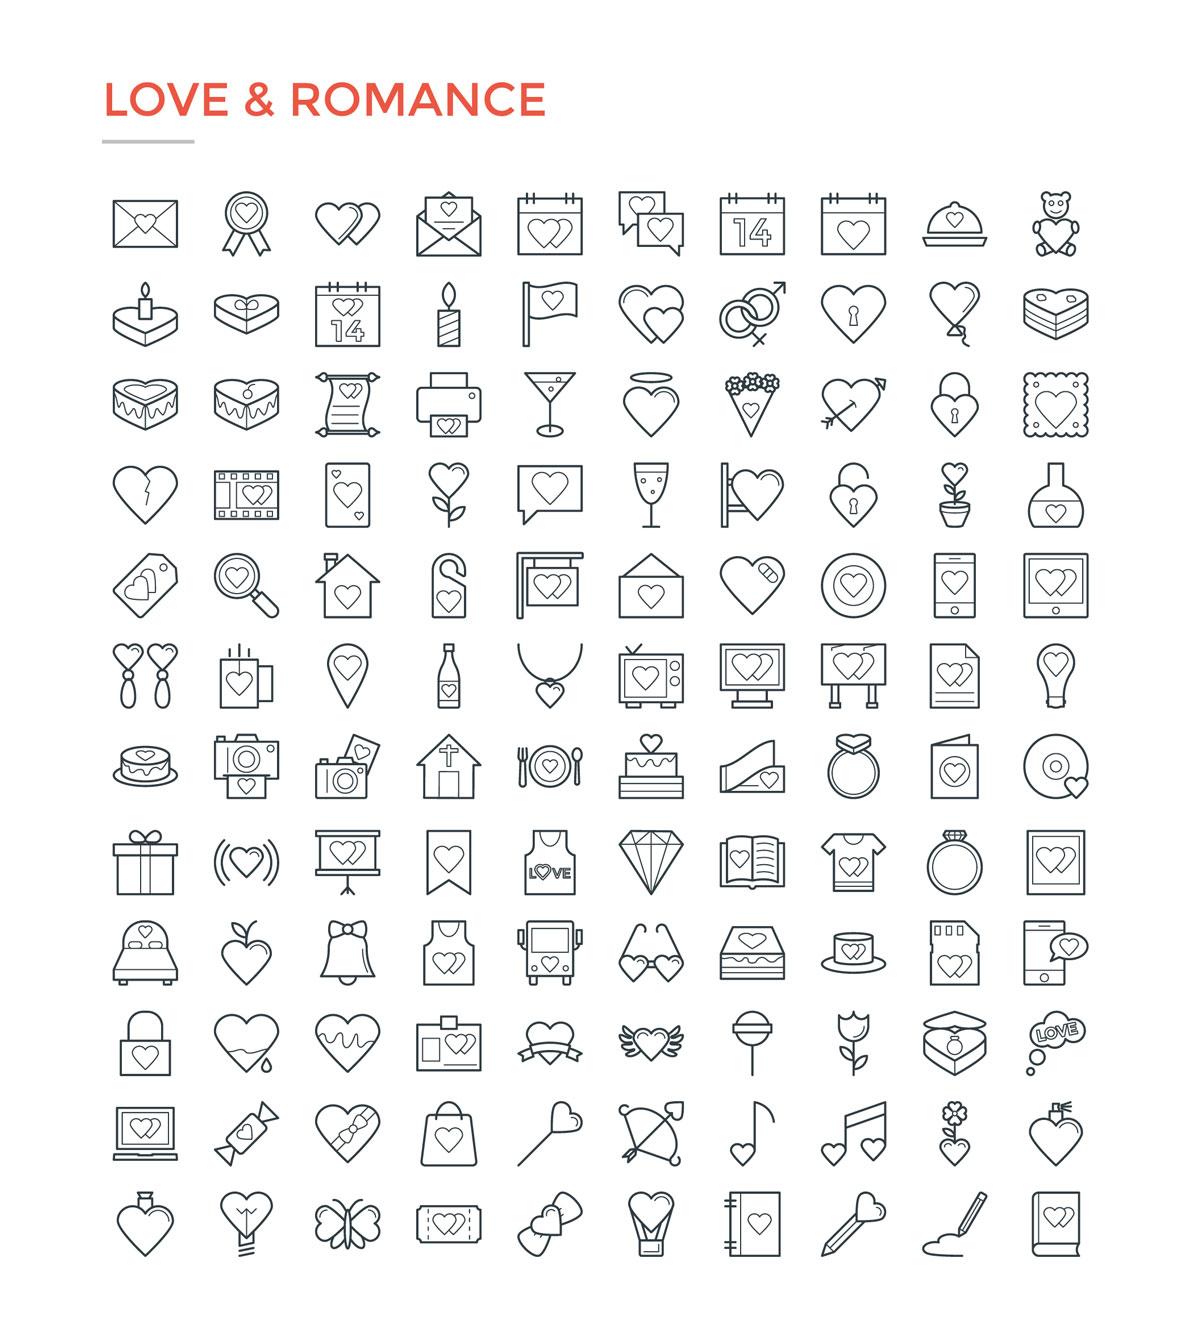 4800款独特的矢量图标合集 4800 Line Icons插图13